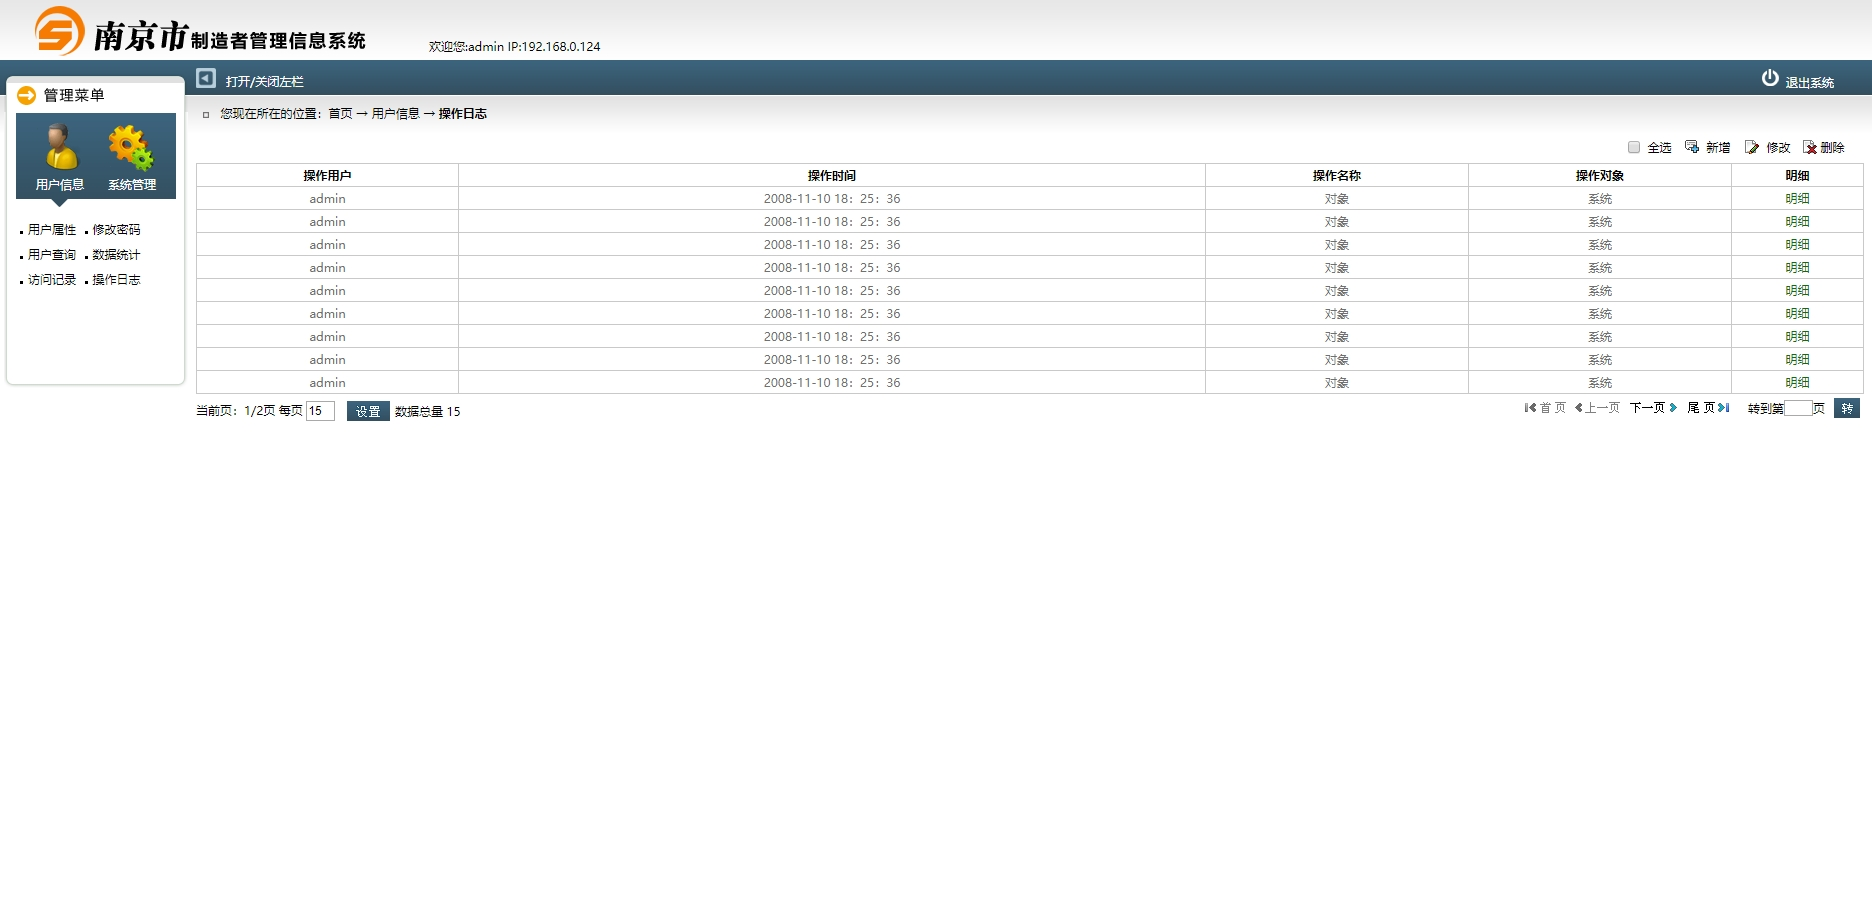 企业用户信息管理系统后台模板html下载